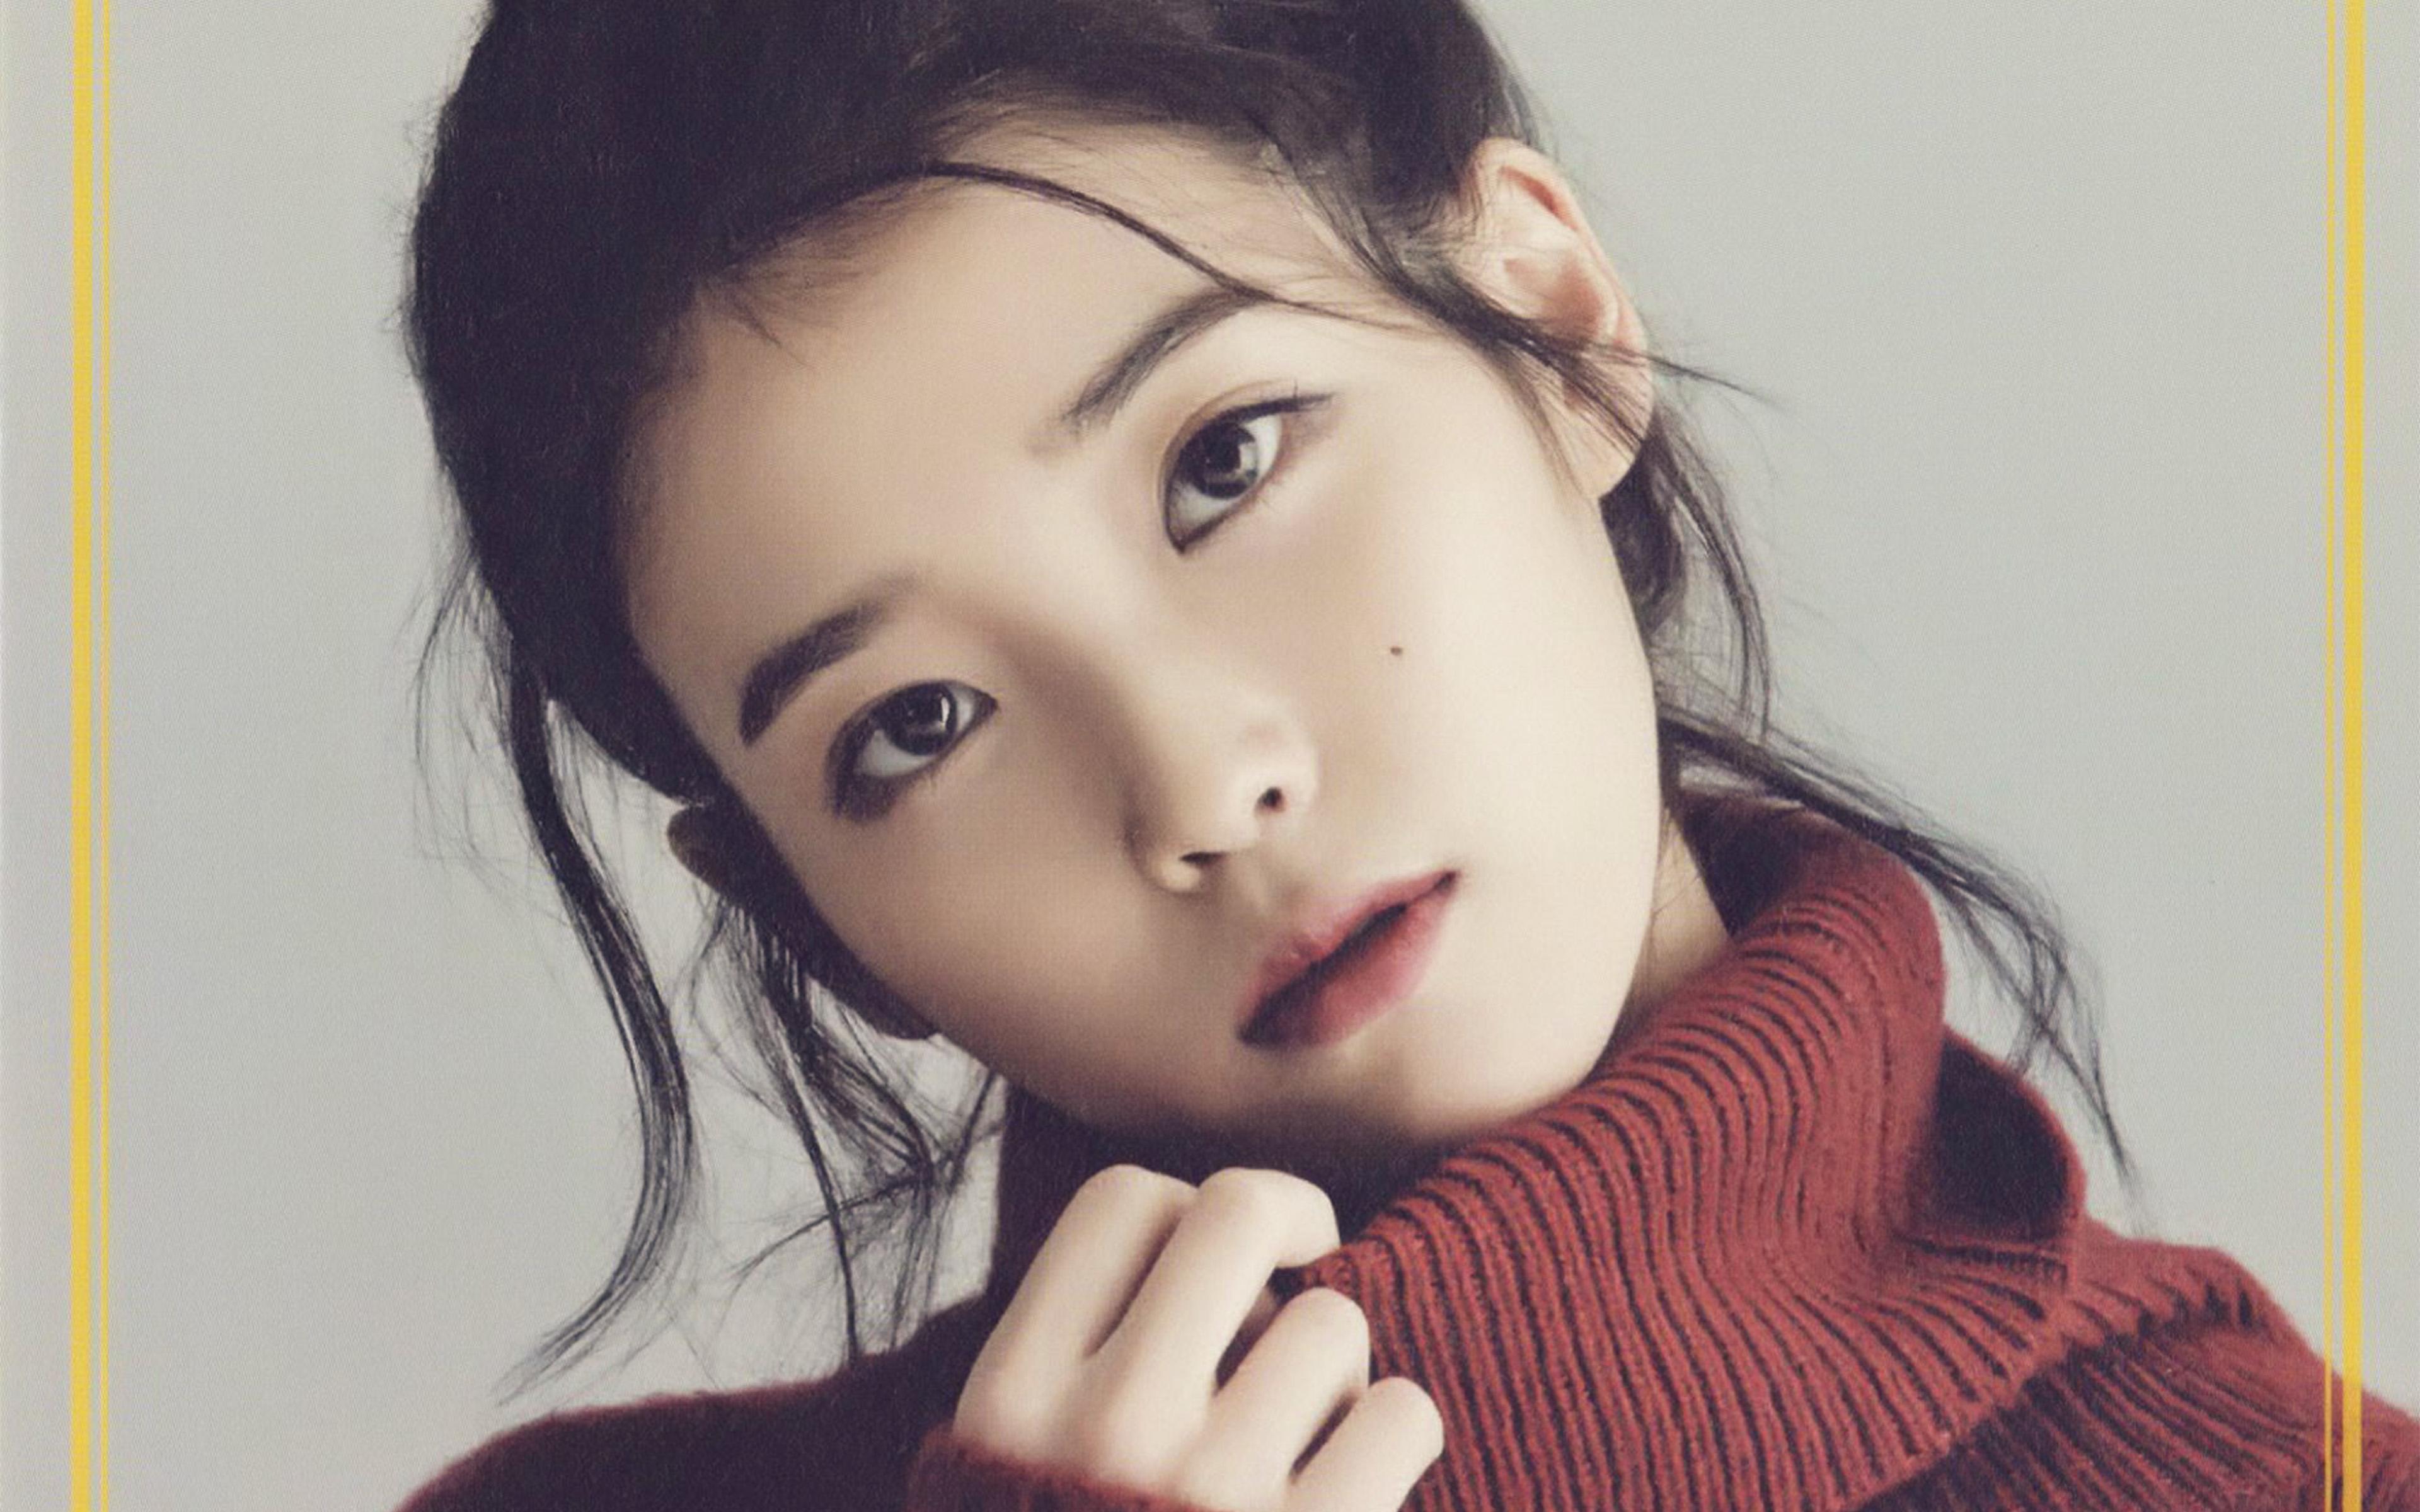 Black N White Girl Wallpaper Hn83 Iu Kpop Girl Singer Artist Cute Wallpaper